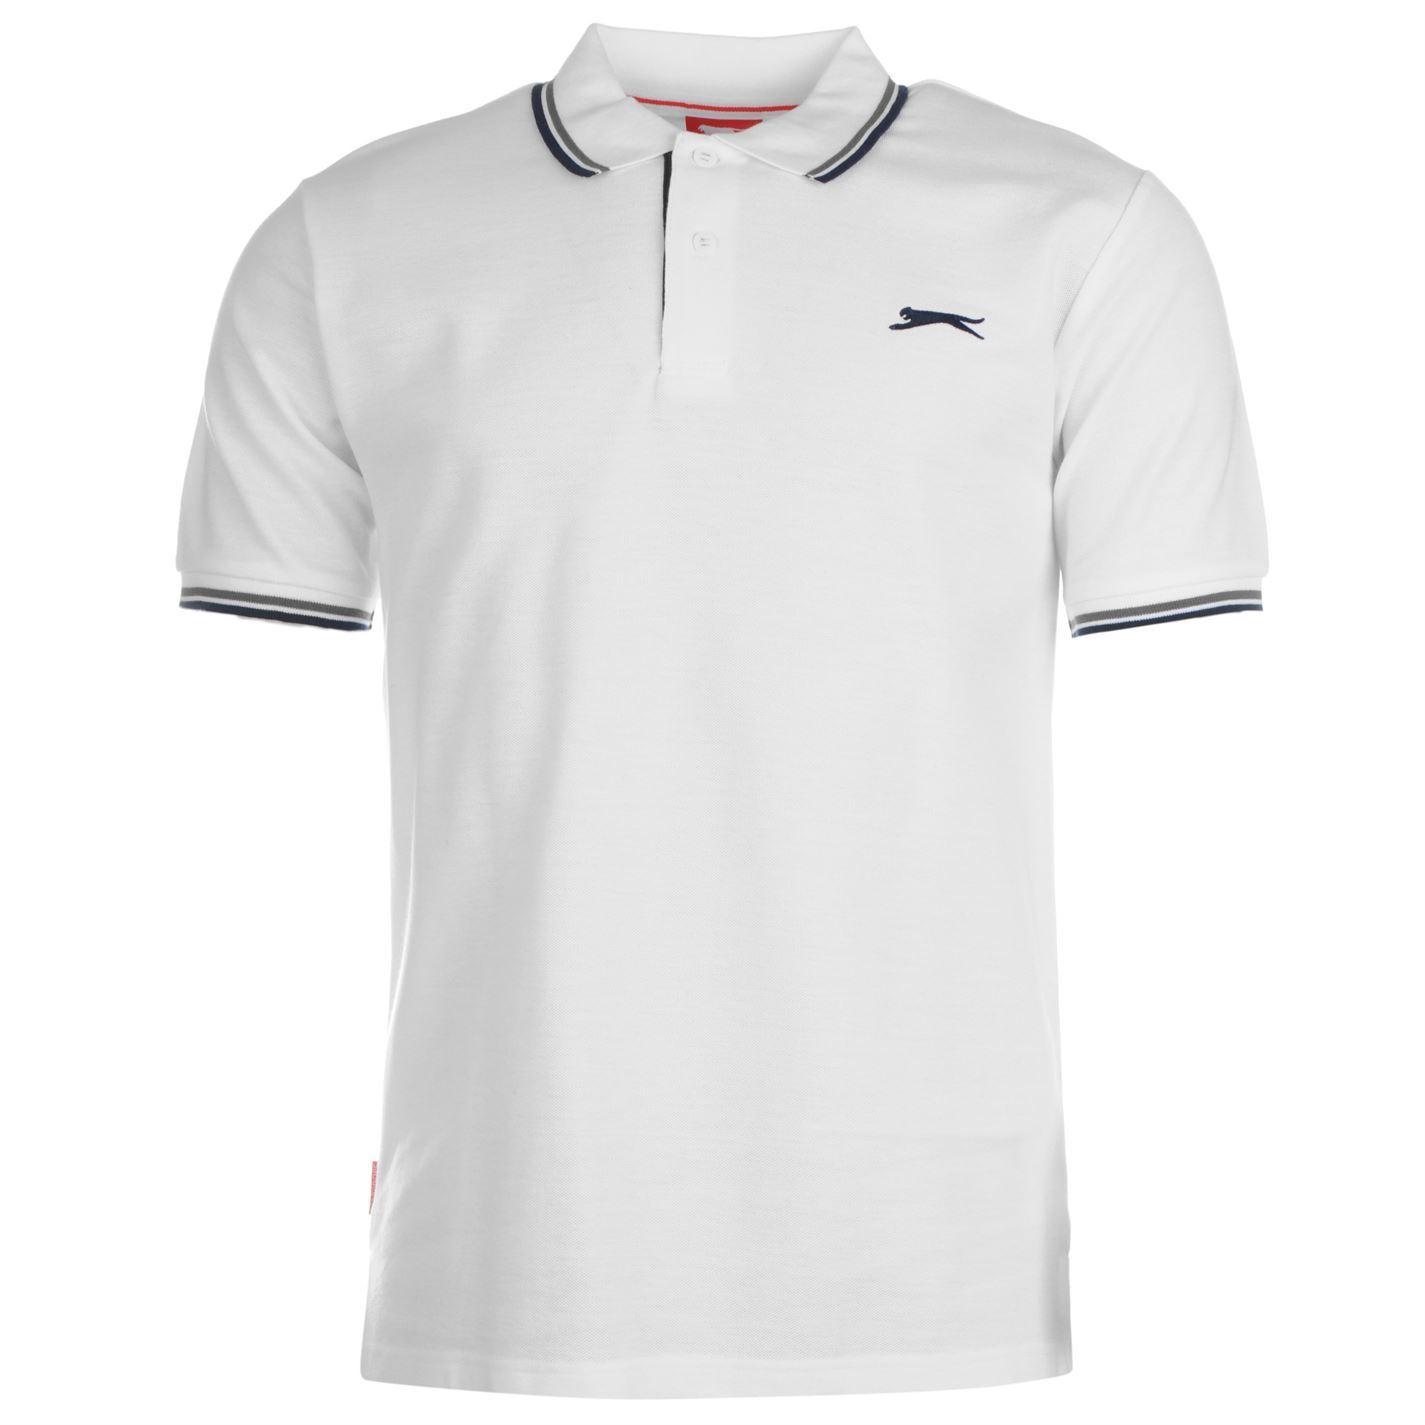 Slazenger-Polo-Camisa-de-hombre-con-cuello-con-Punta-T-Shirt-Top-Camiseta-Tee miniatura 80